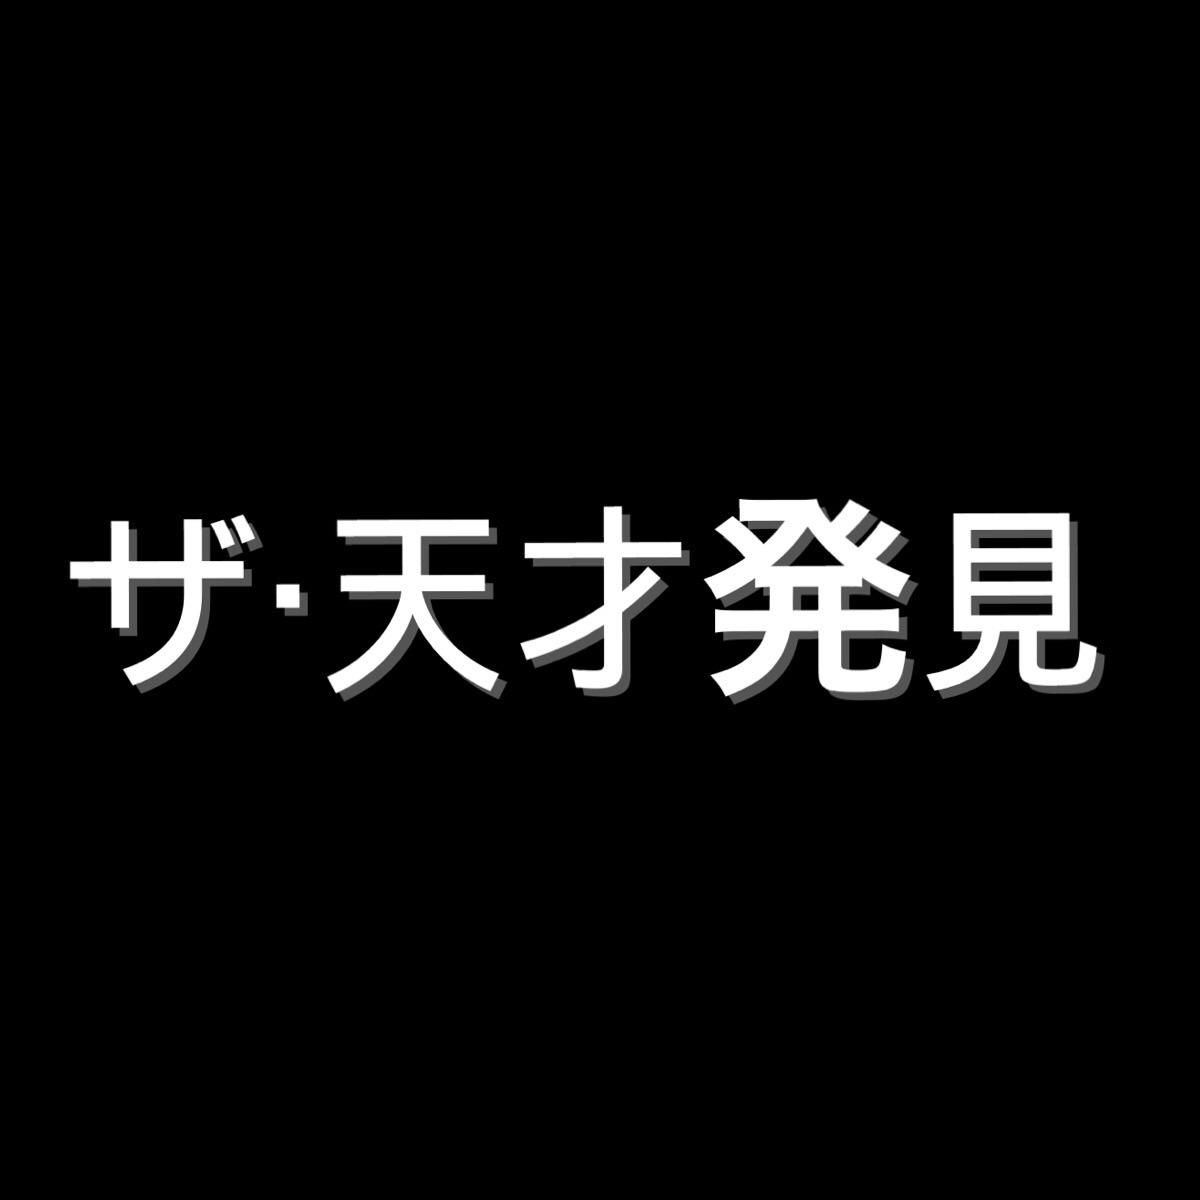 #5 Daisankehinリスペクト